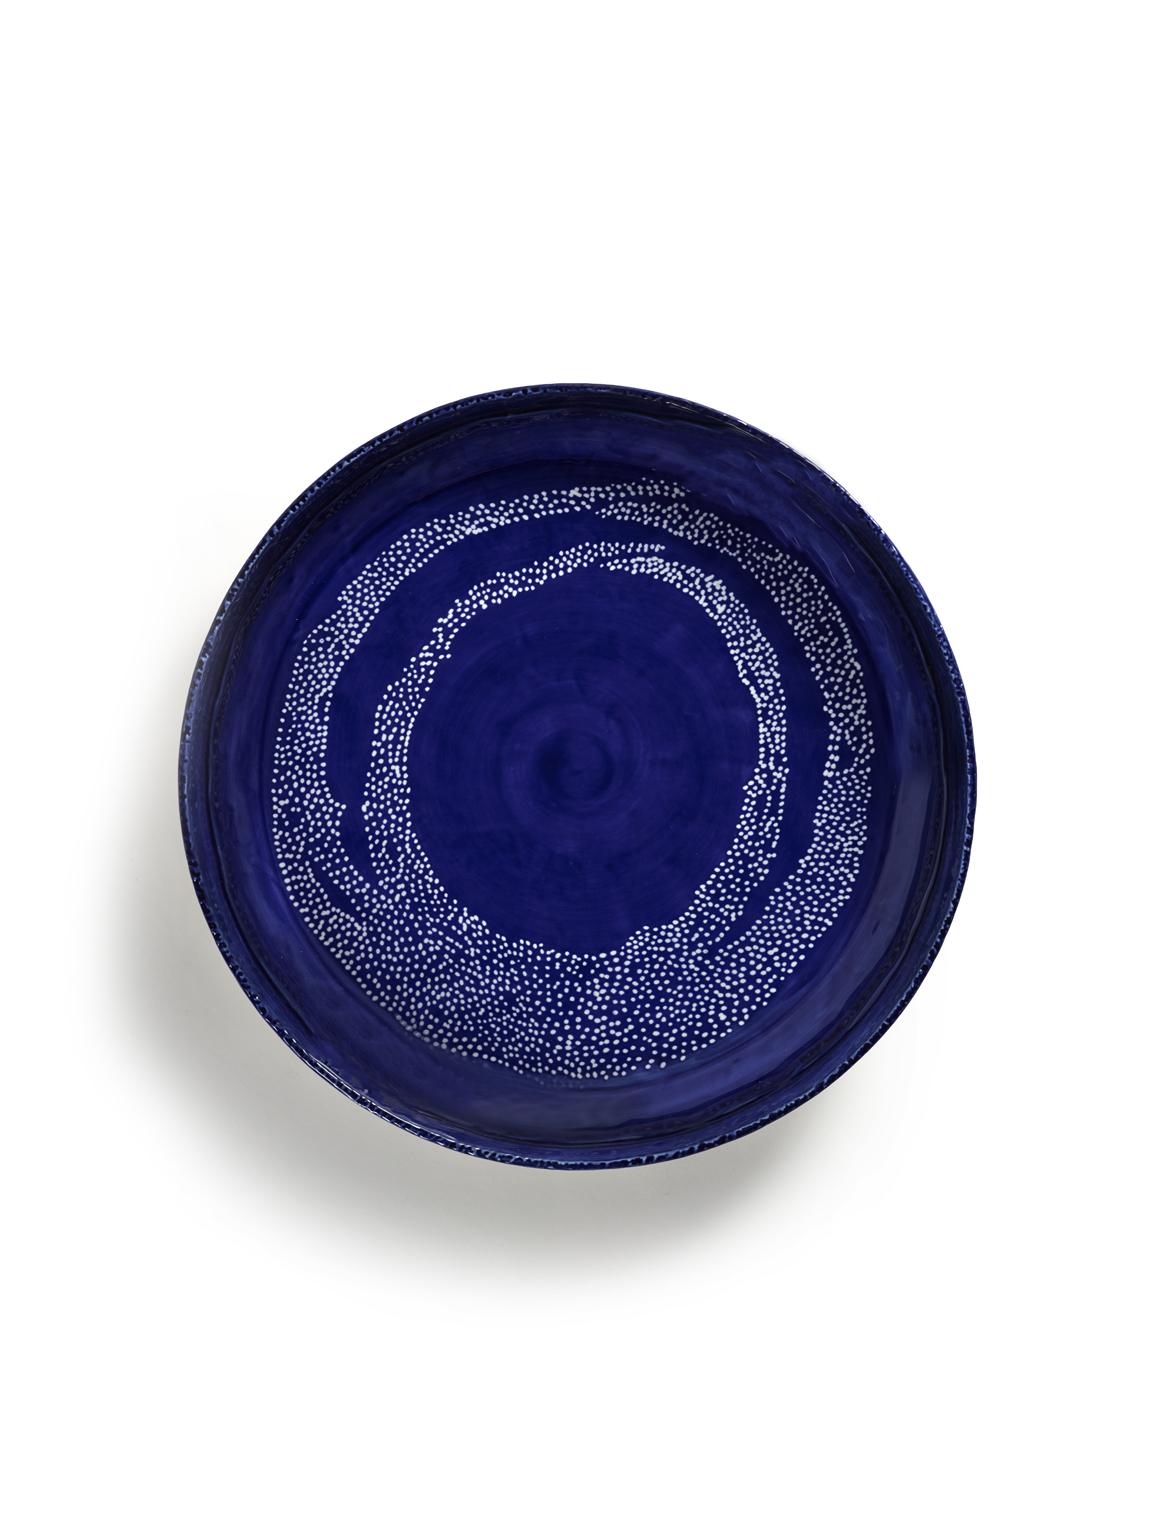 Plat de service FEAST M 36x36x6 lapis lazuli swirl pois blancs B8921014F (2)